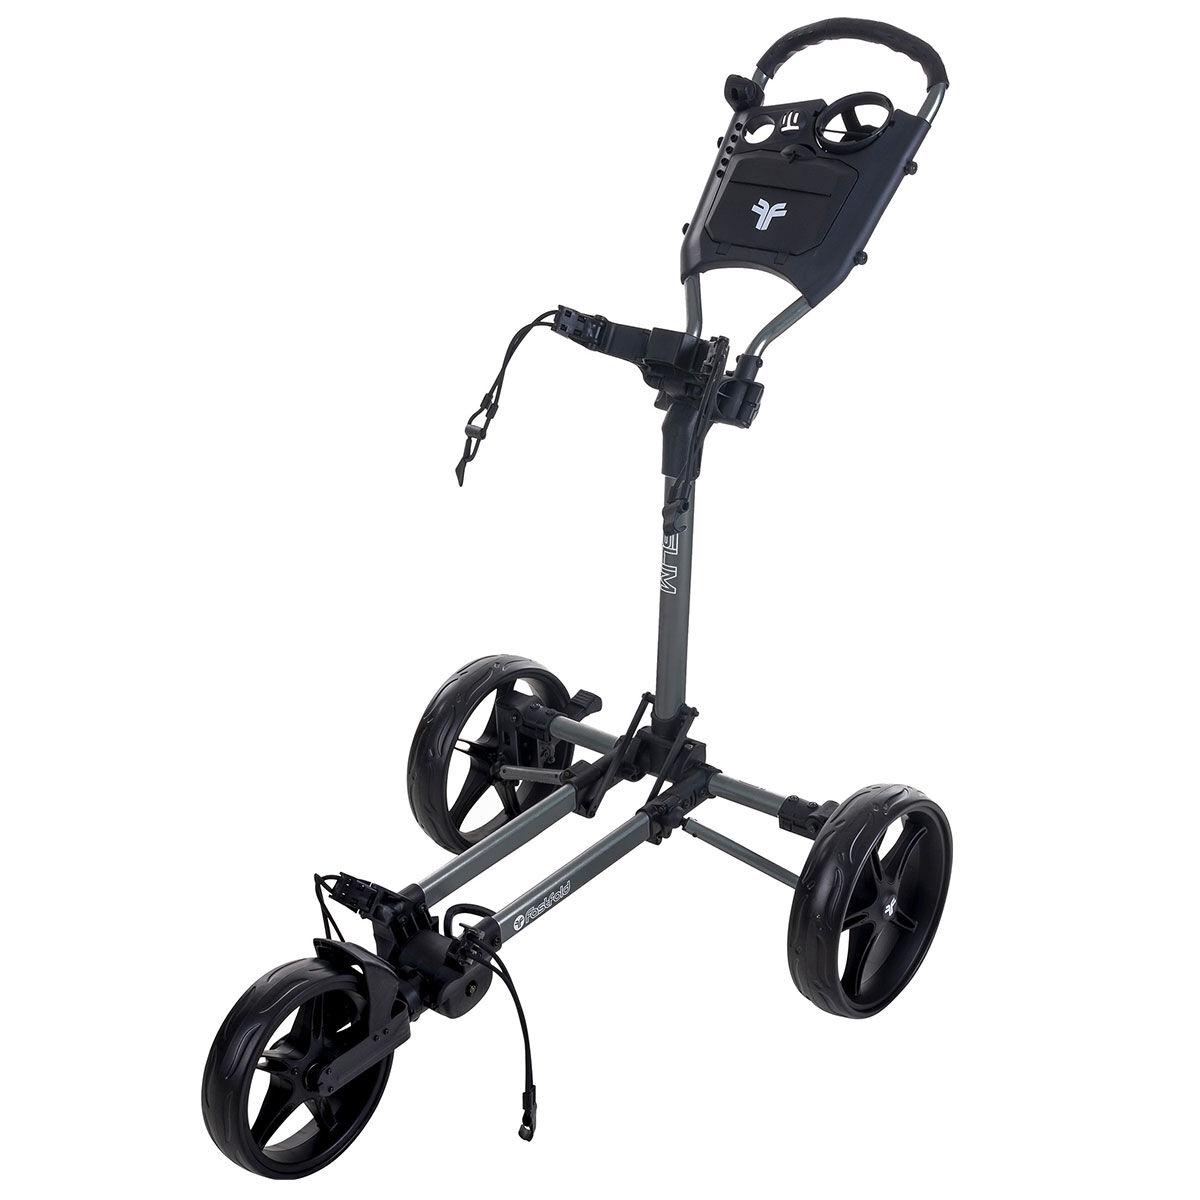 Fast Fold Slim 3-Wheel Push Golf Trolley, Charcoal/black | American Golf